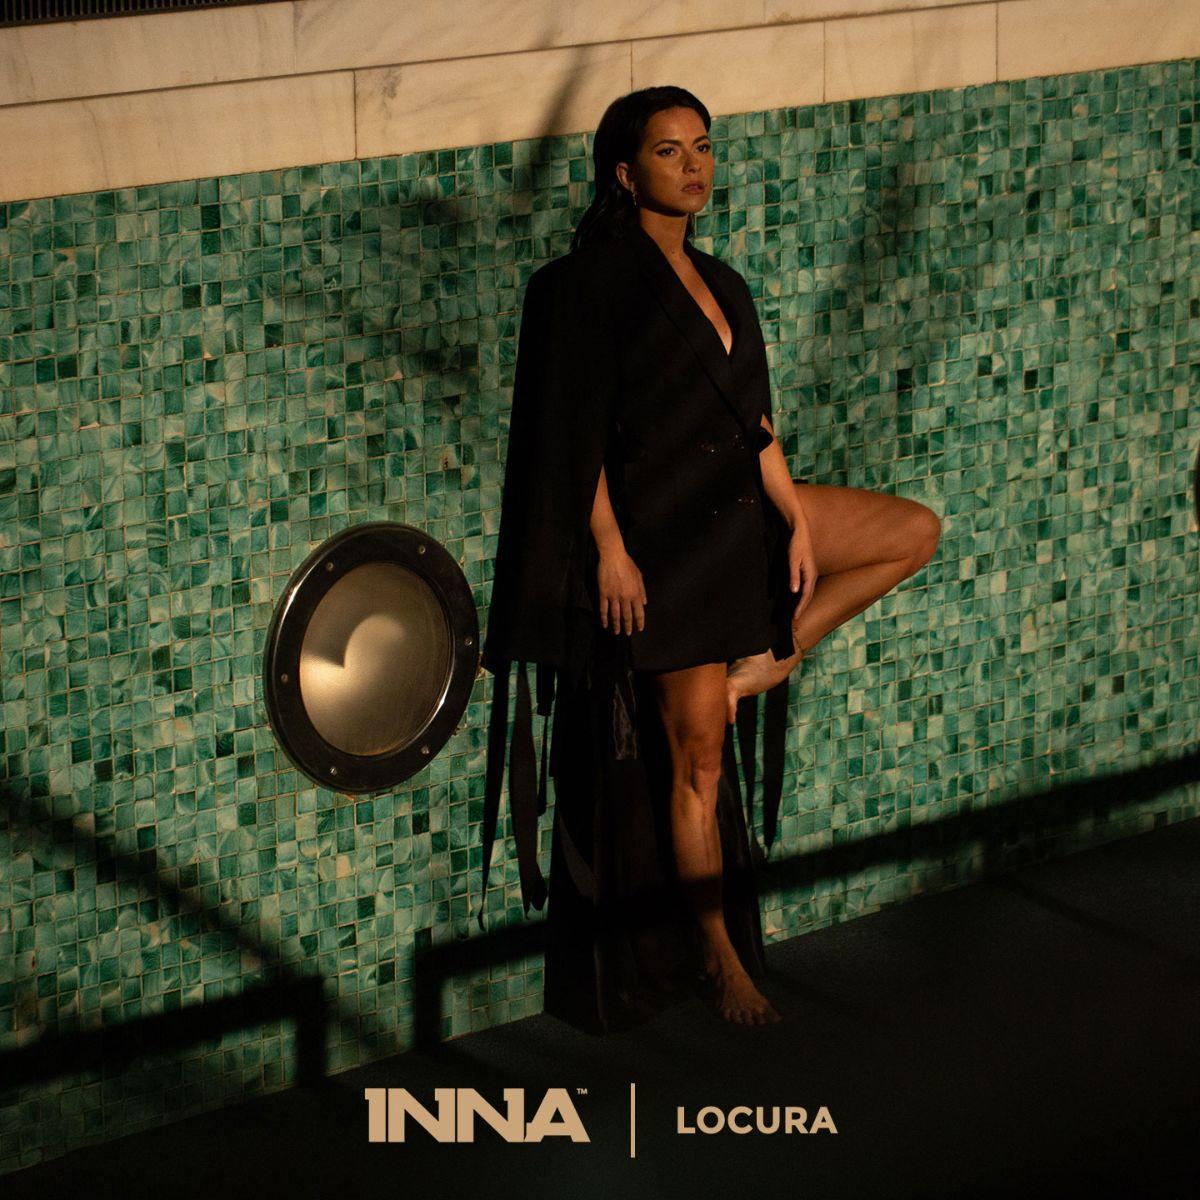 LOCURA – Noul hit semnat de INNA, filmat in vila lui Ceausescu